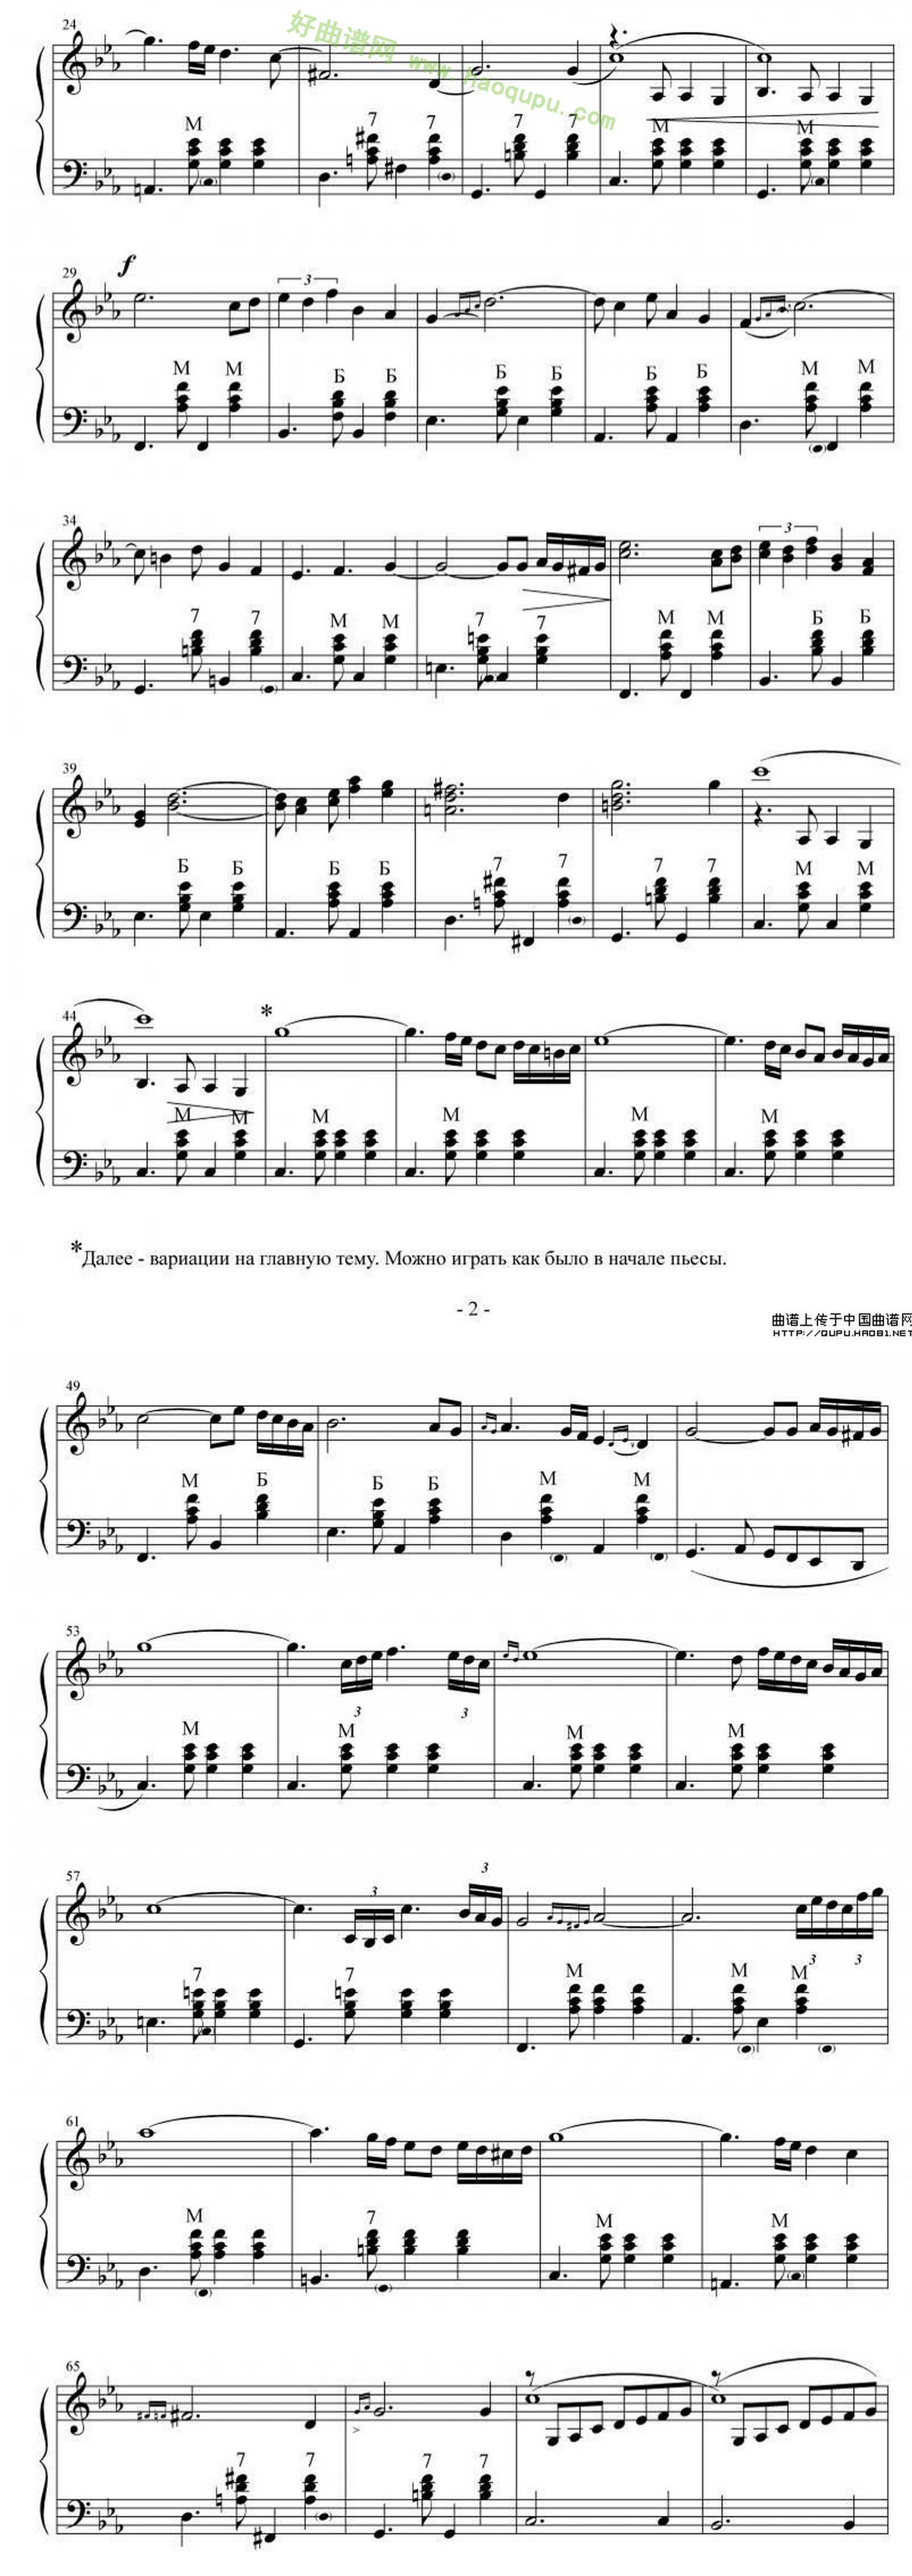 《oblivion》(遗忘)手风琴曲谱第2张